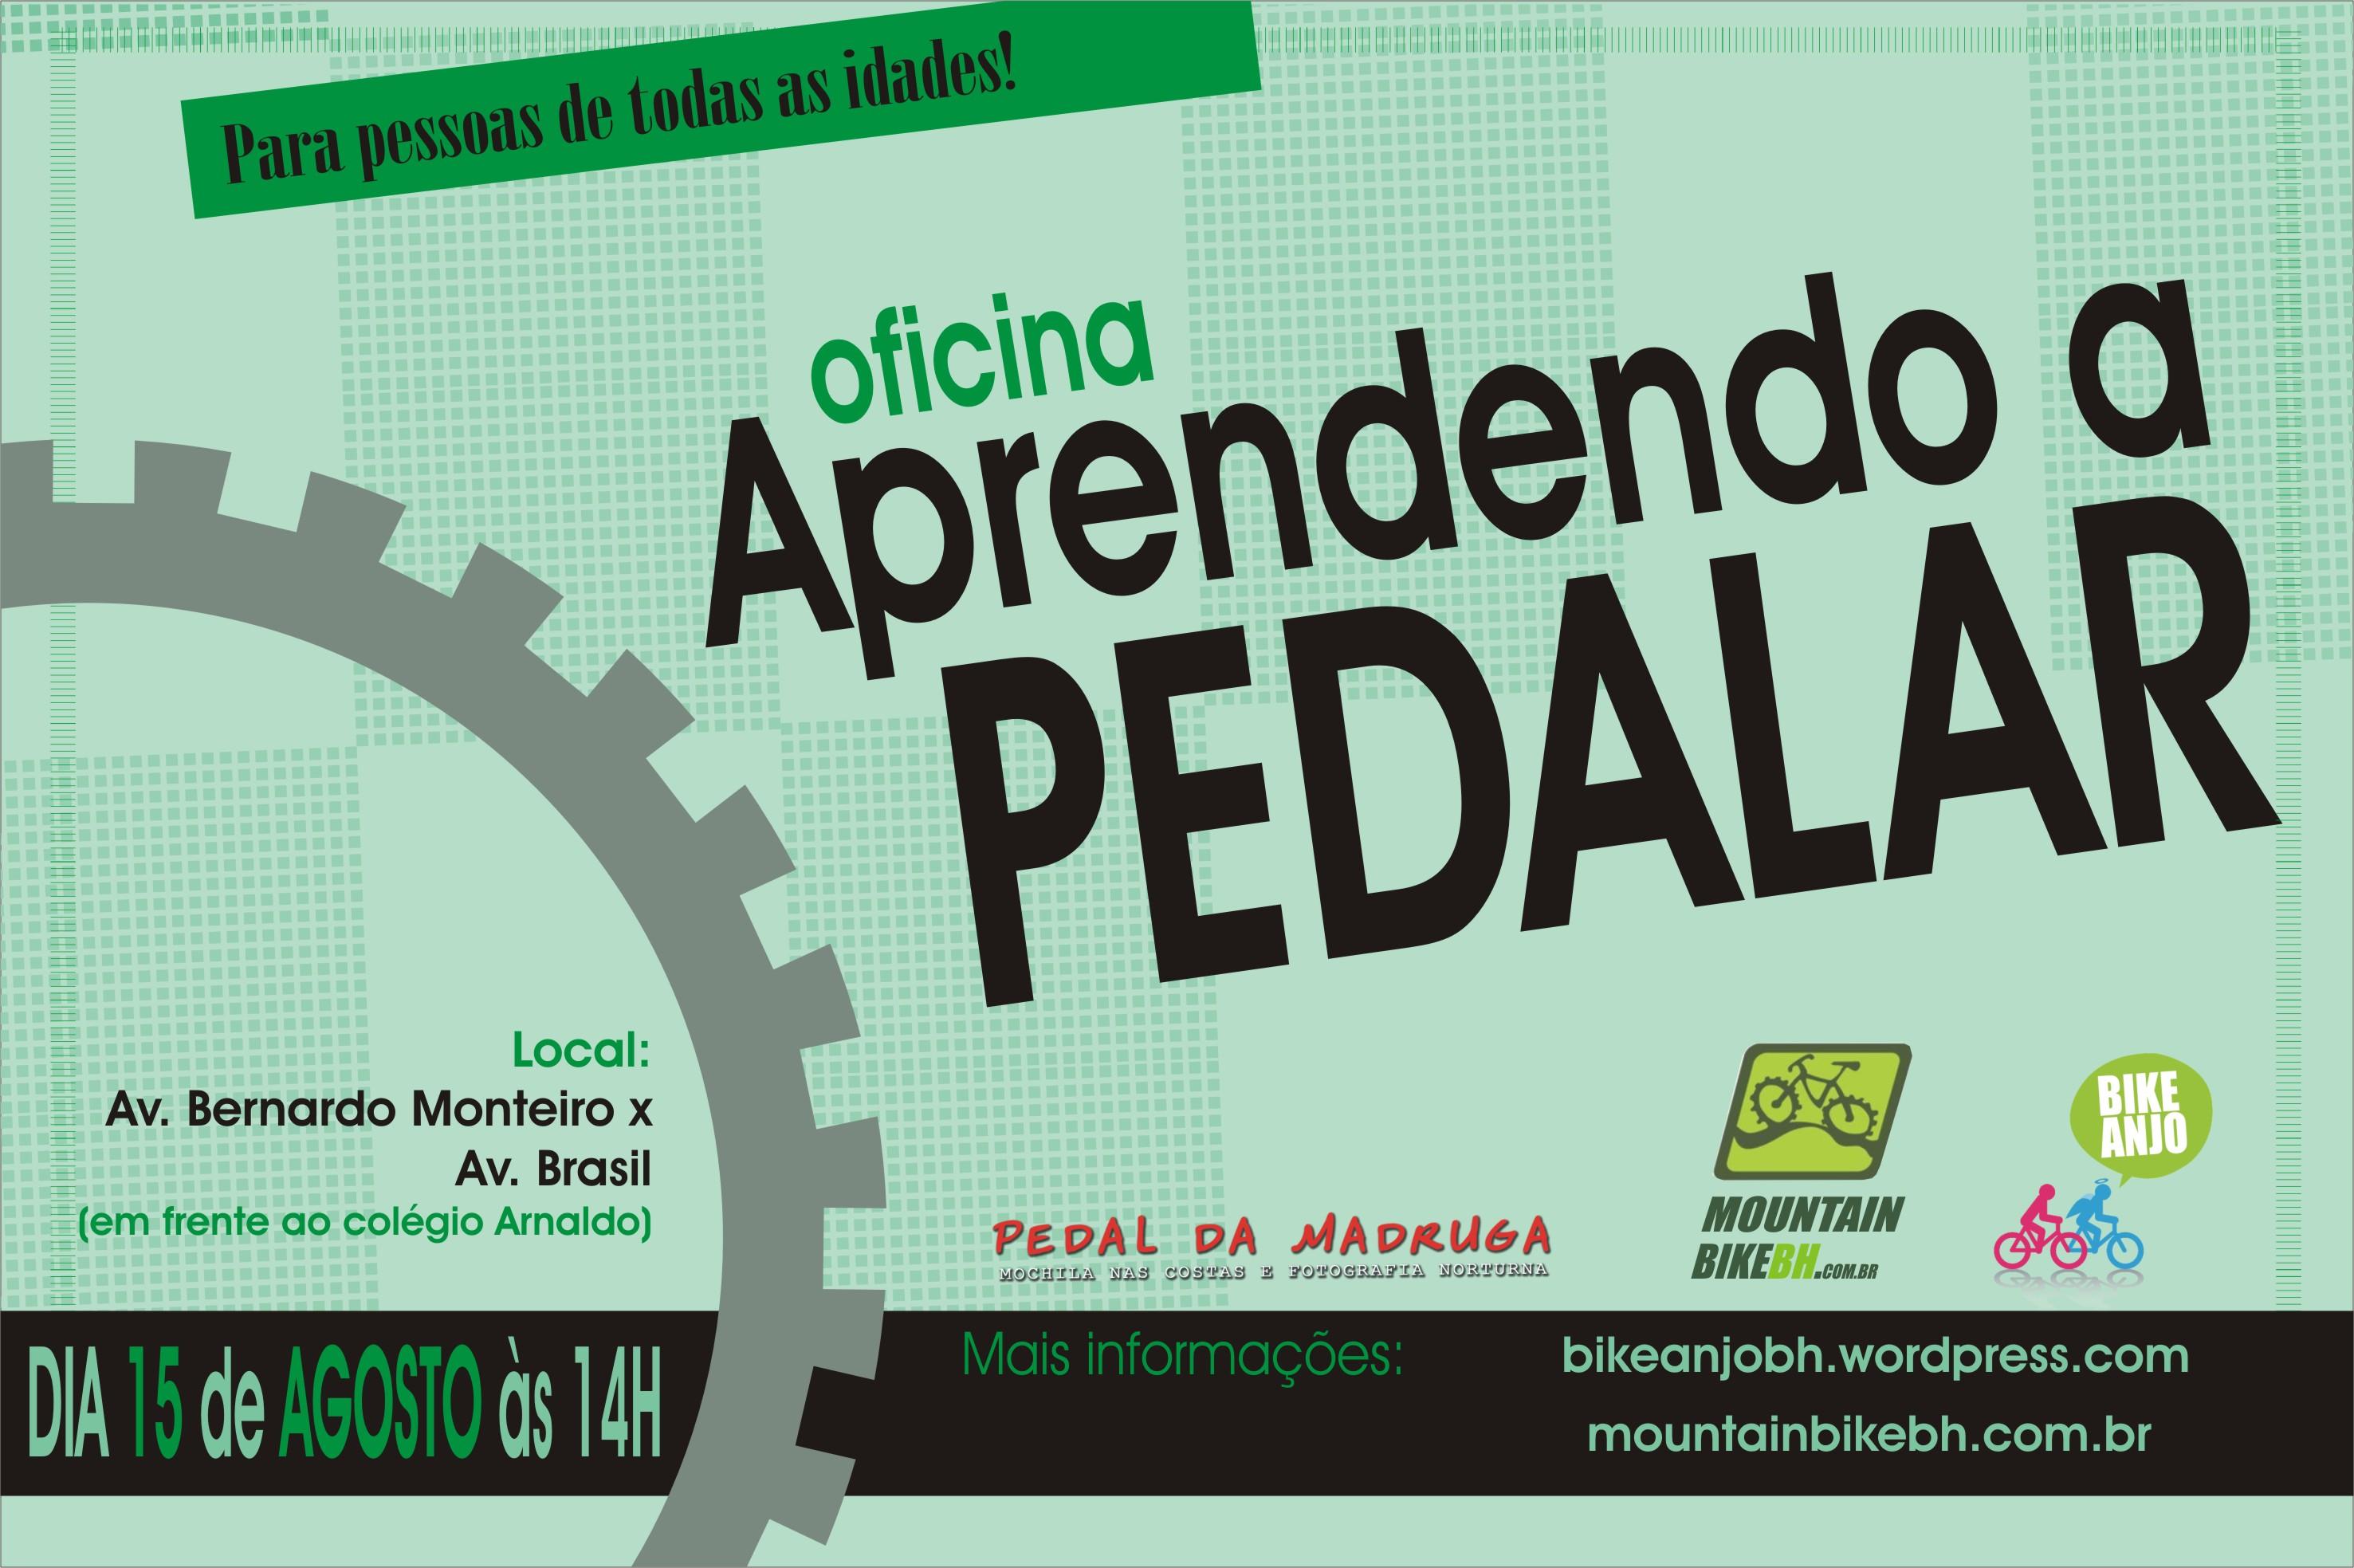 1º oficina Bike Anjo BH Aprendendo a Pedalar